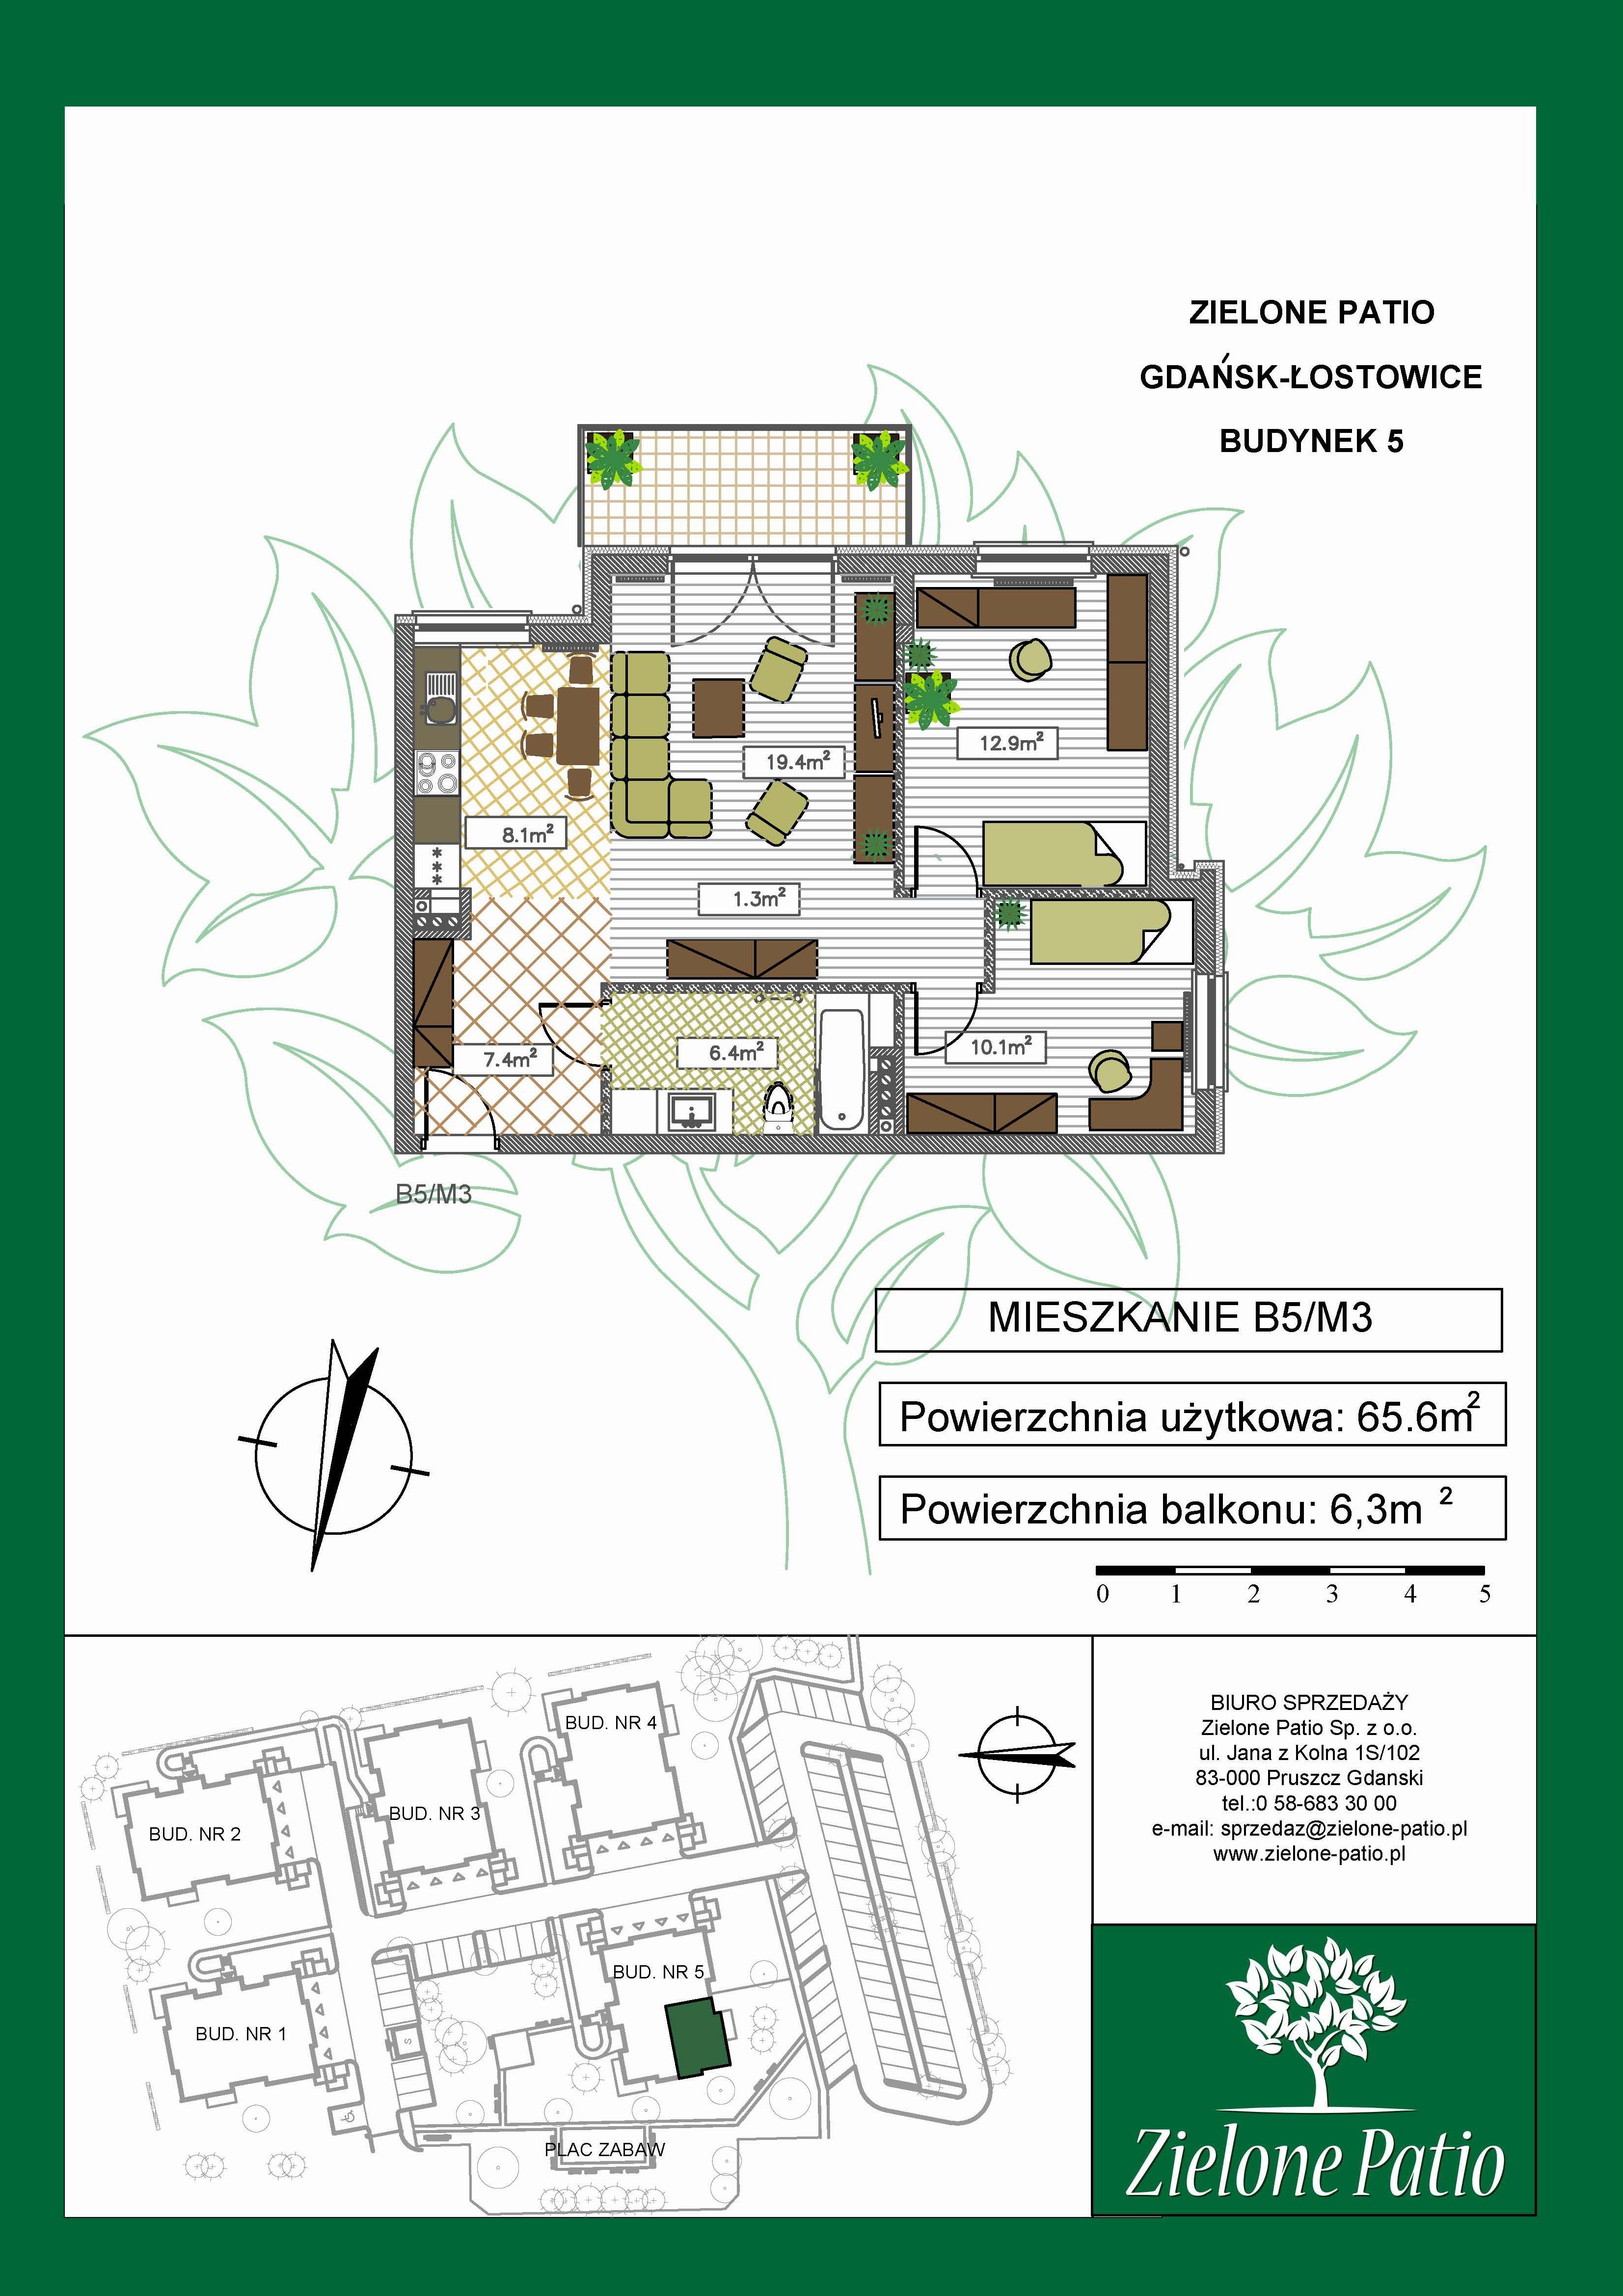 Plan M3 Zielone Patio, Budynek nr 5